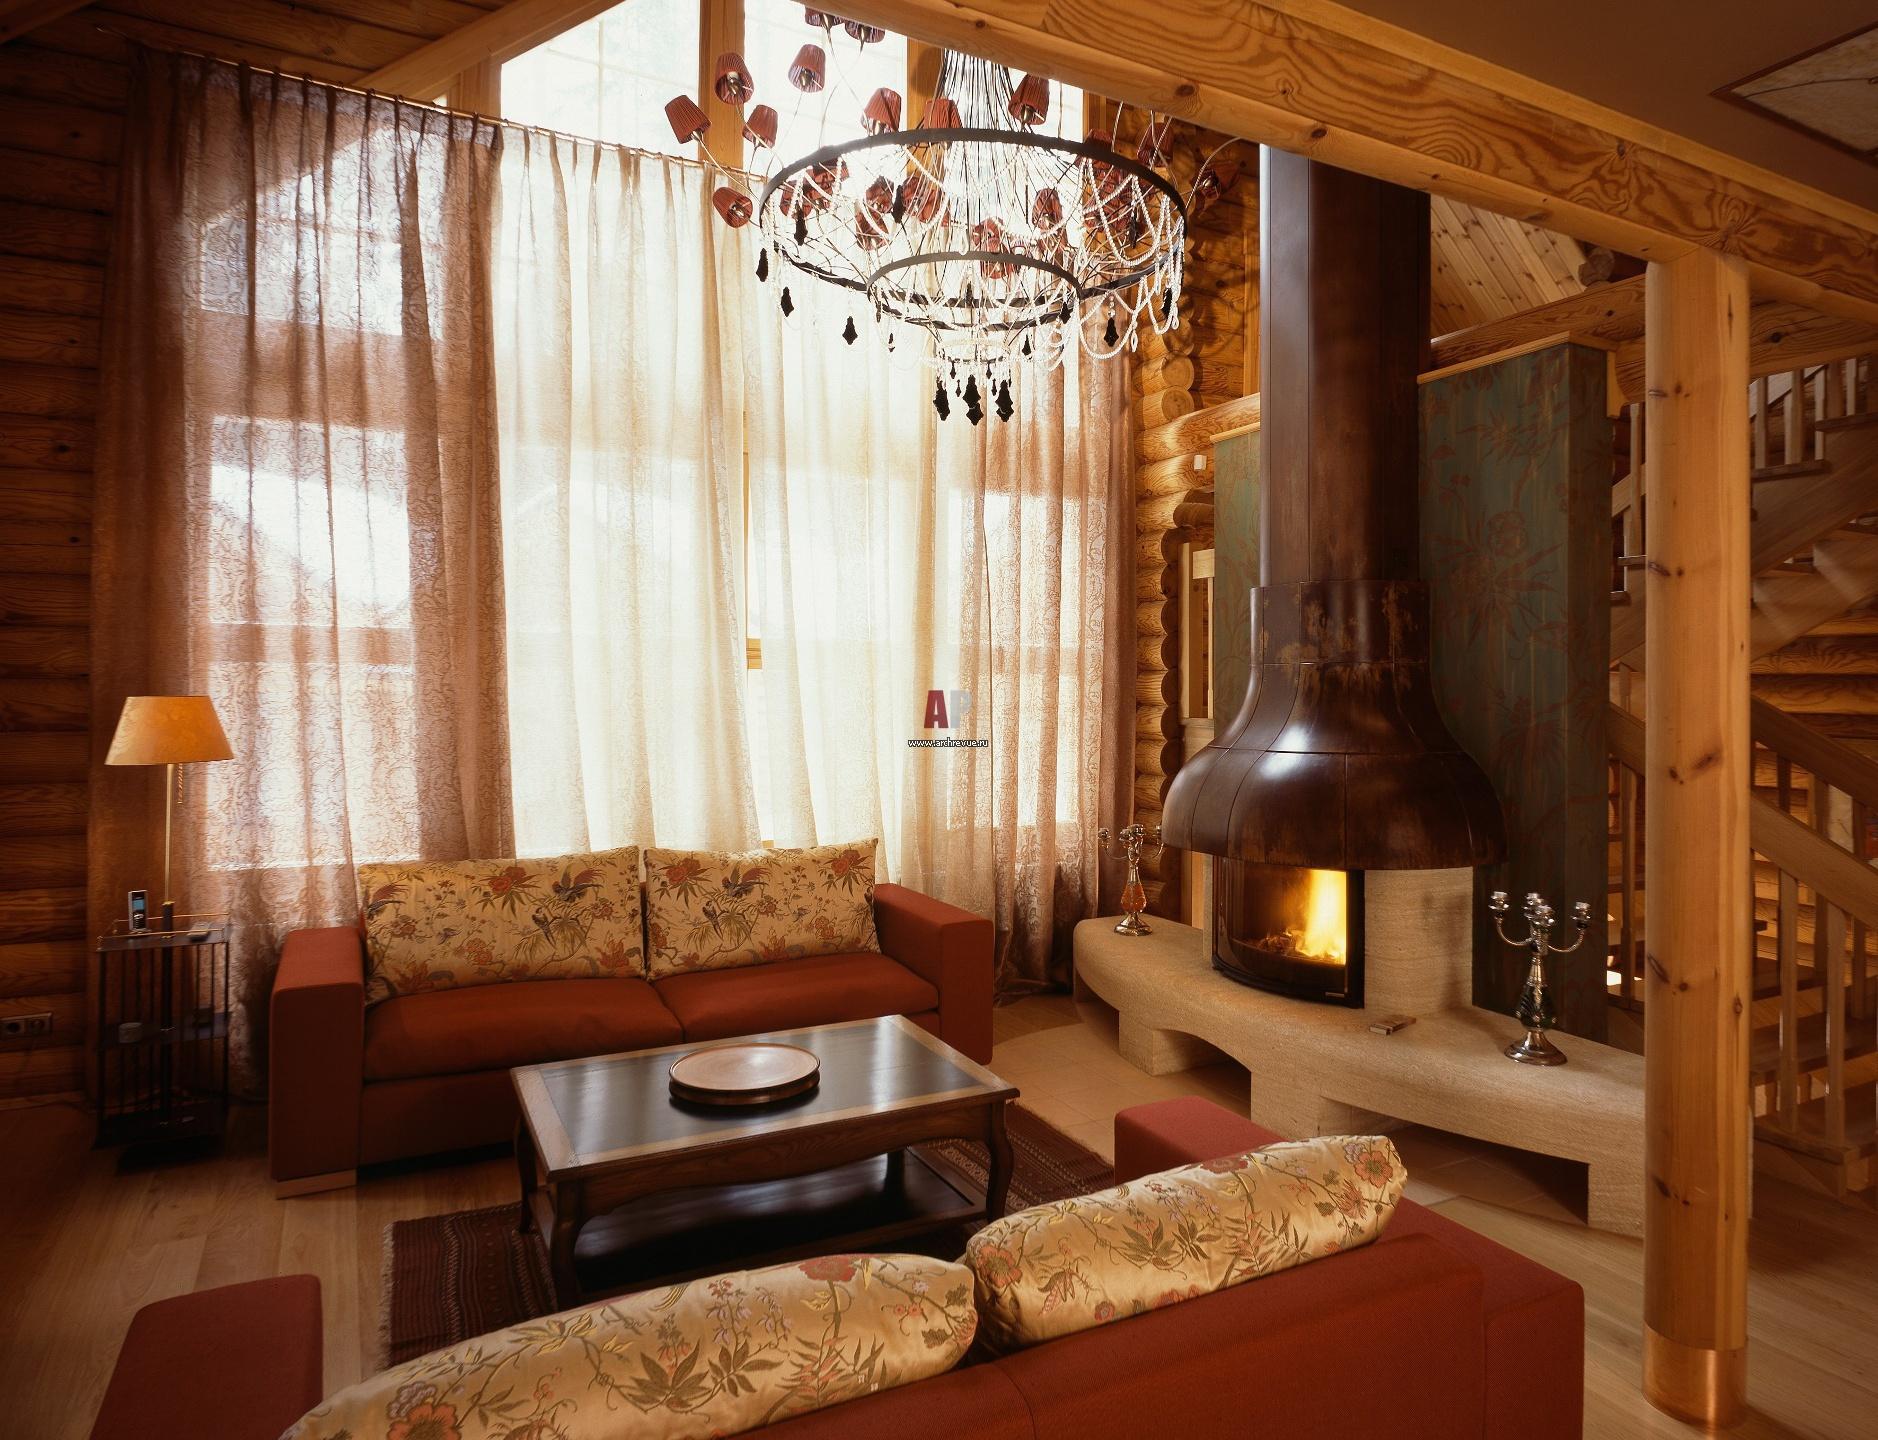 Интерьер зал деревянного дома